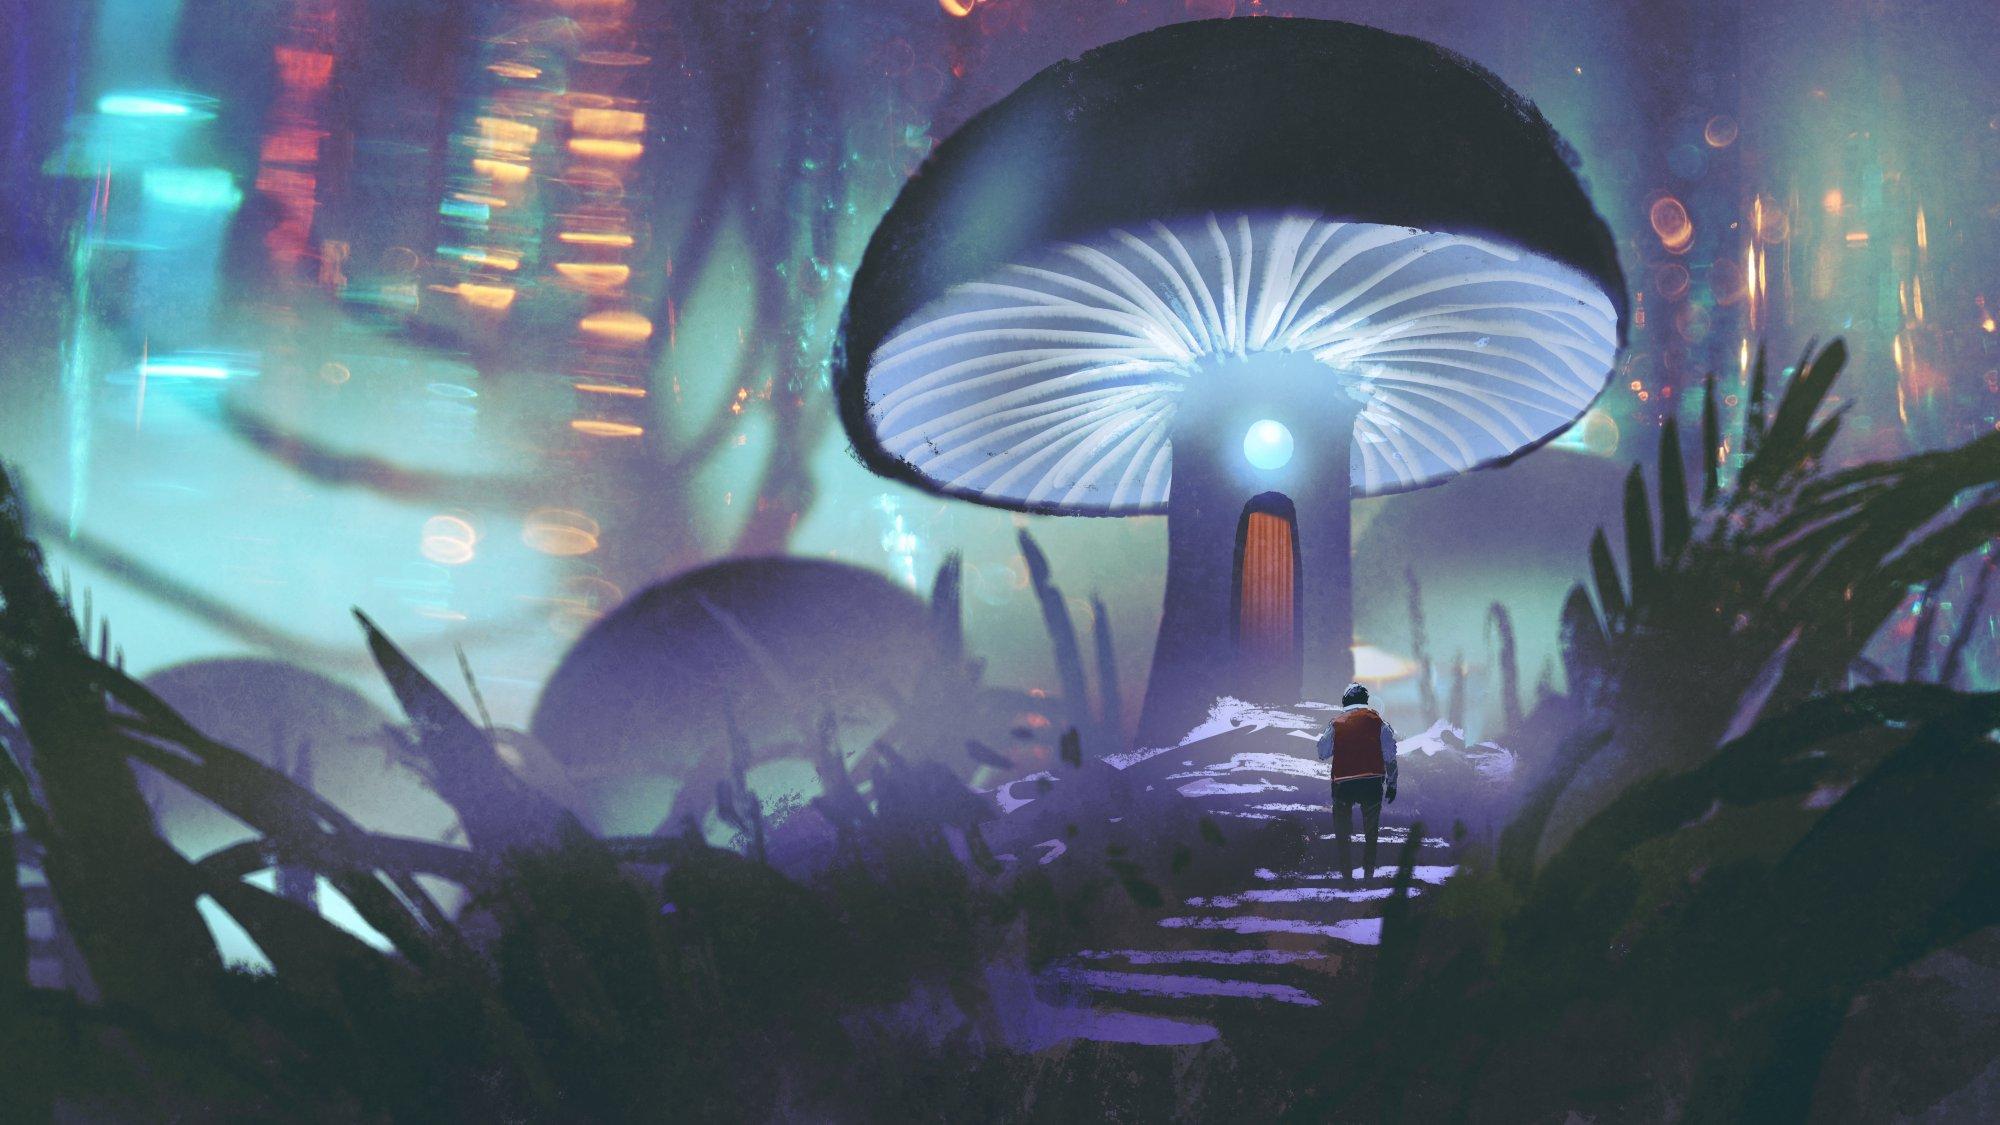 futuristische Illustration mit Person, die auf einen leuchtenden Pilz zugeht, in der eine Tür ist